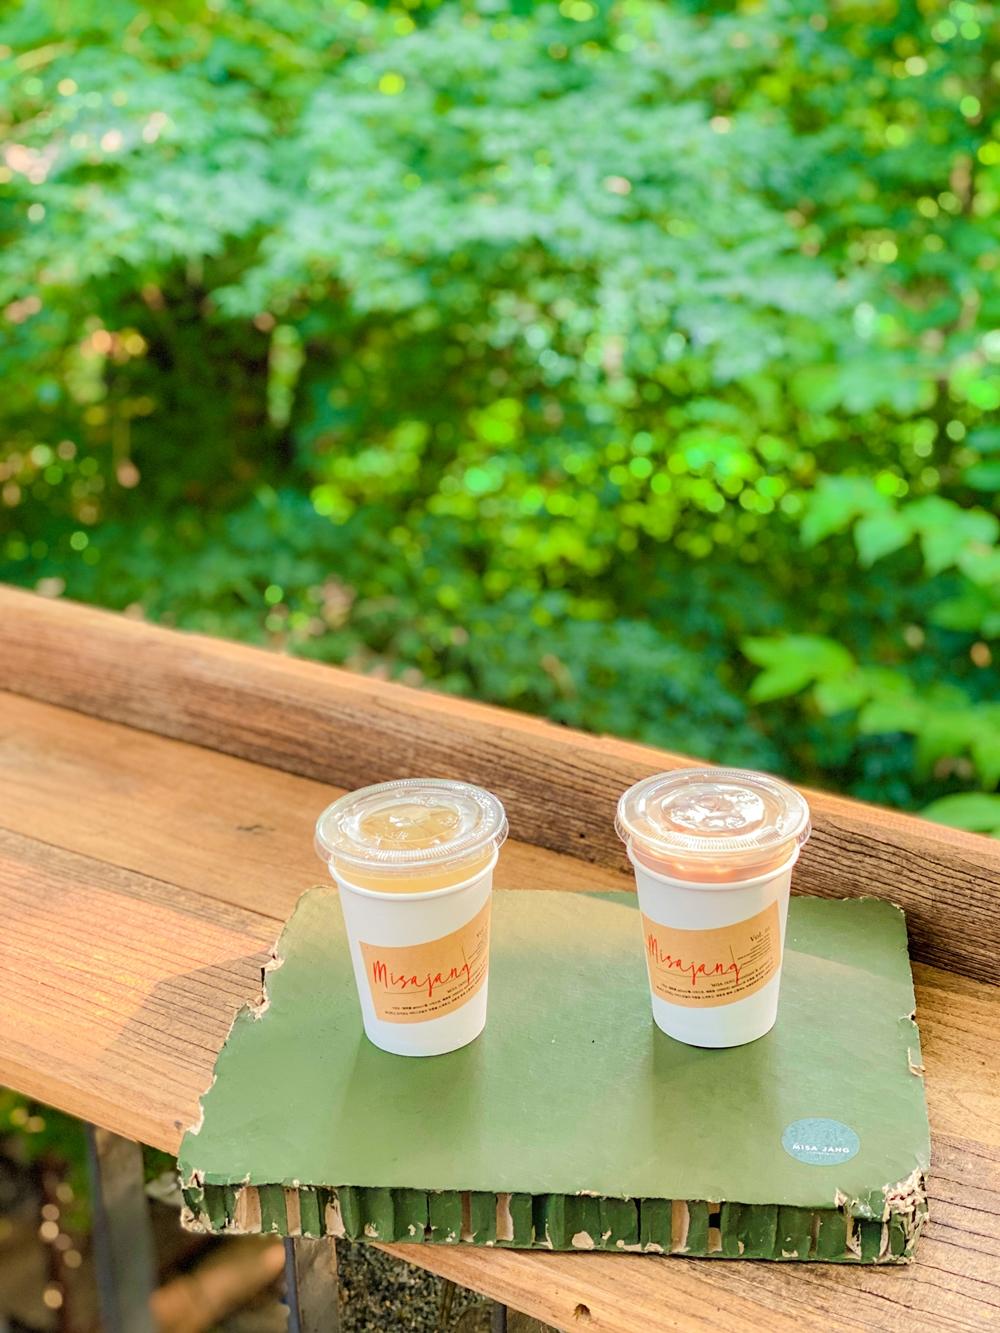 하남 미사장카페 커피 2잔